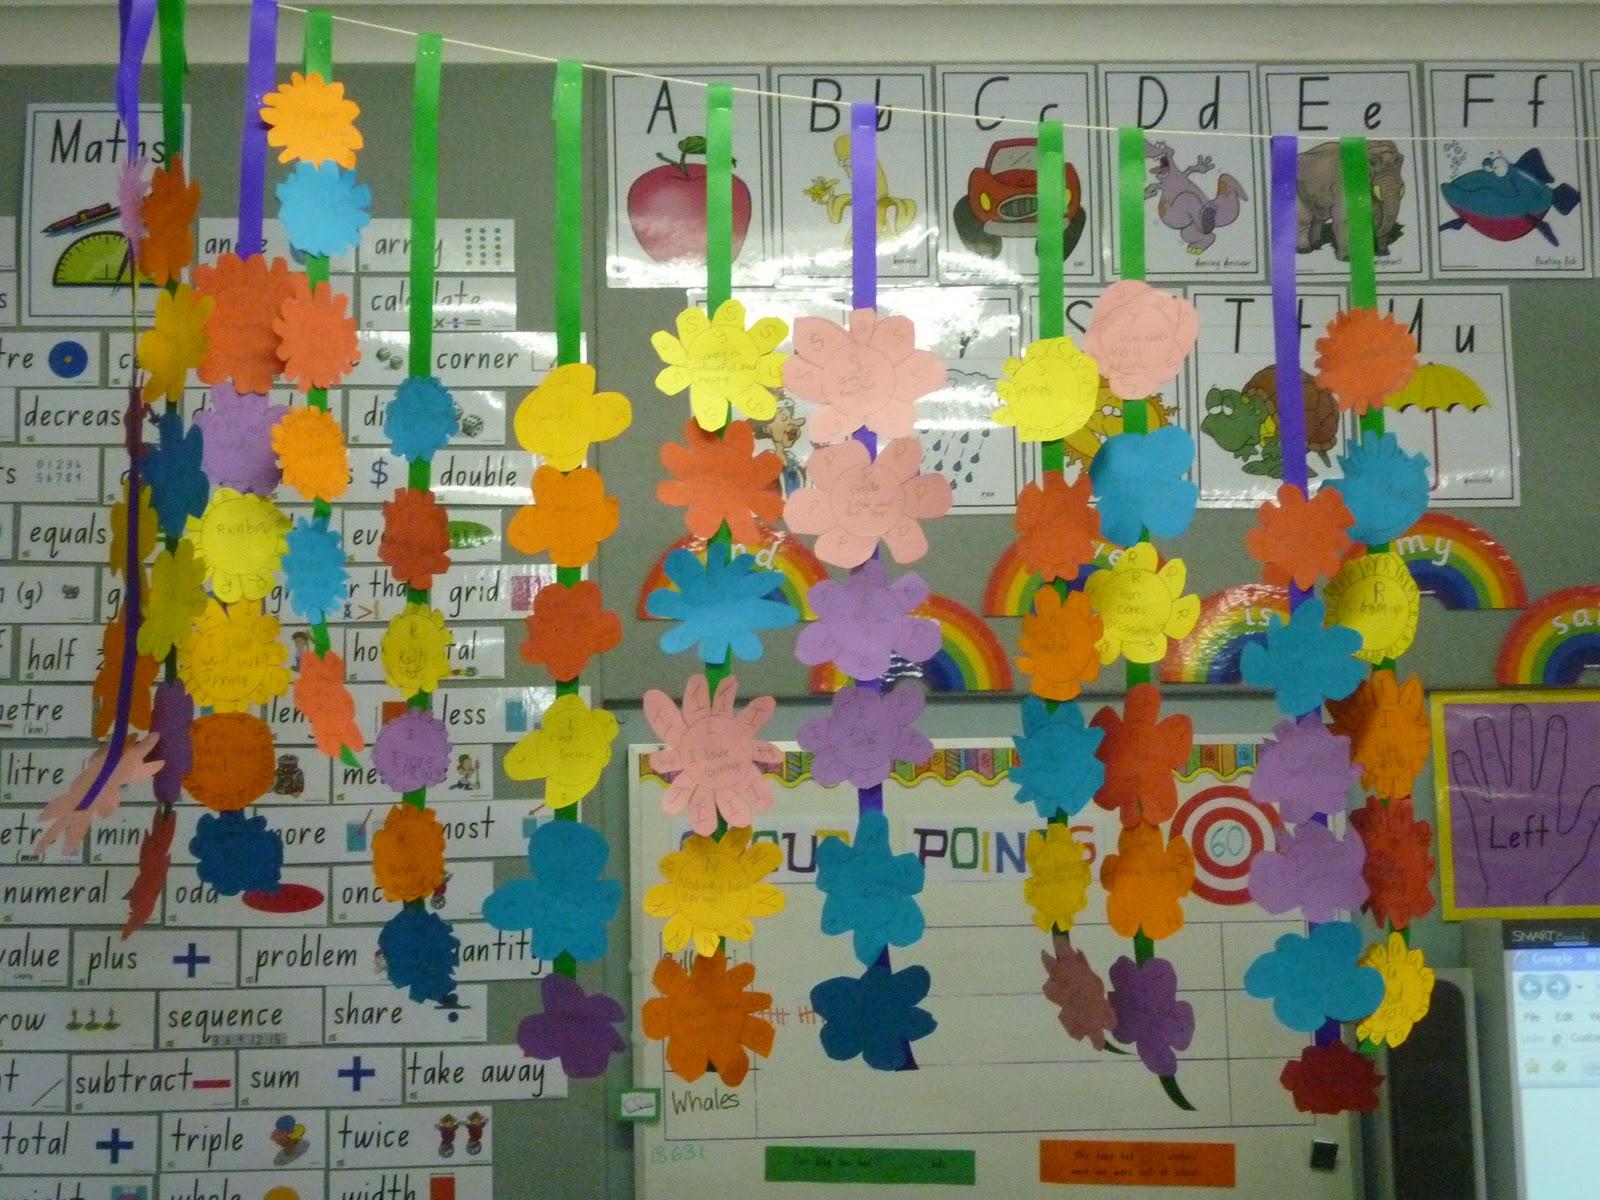 Spring Classroom Decorations ~ بمناسبة العودة الى المدرسة spring classroom decor مدونة